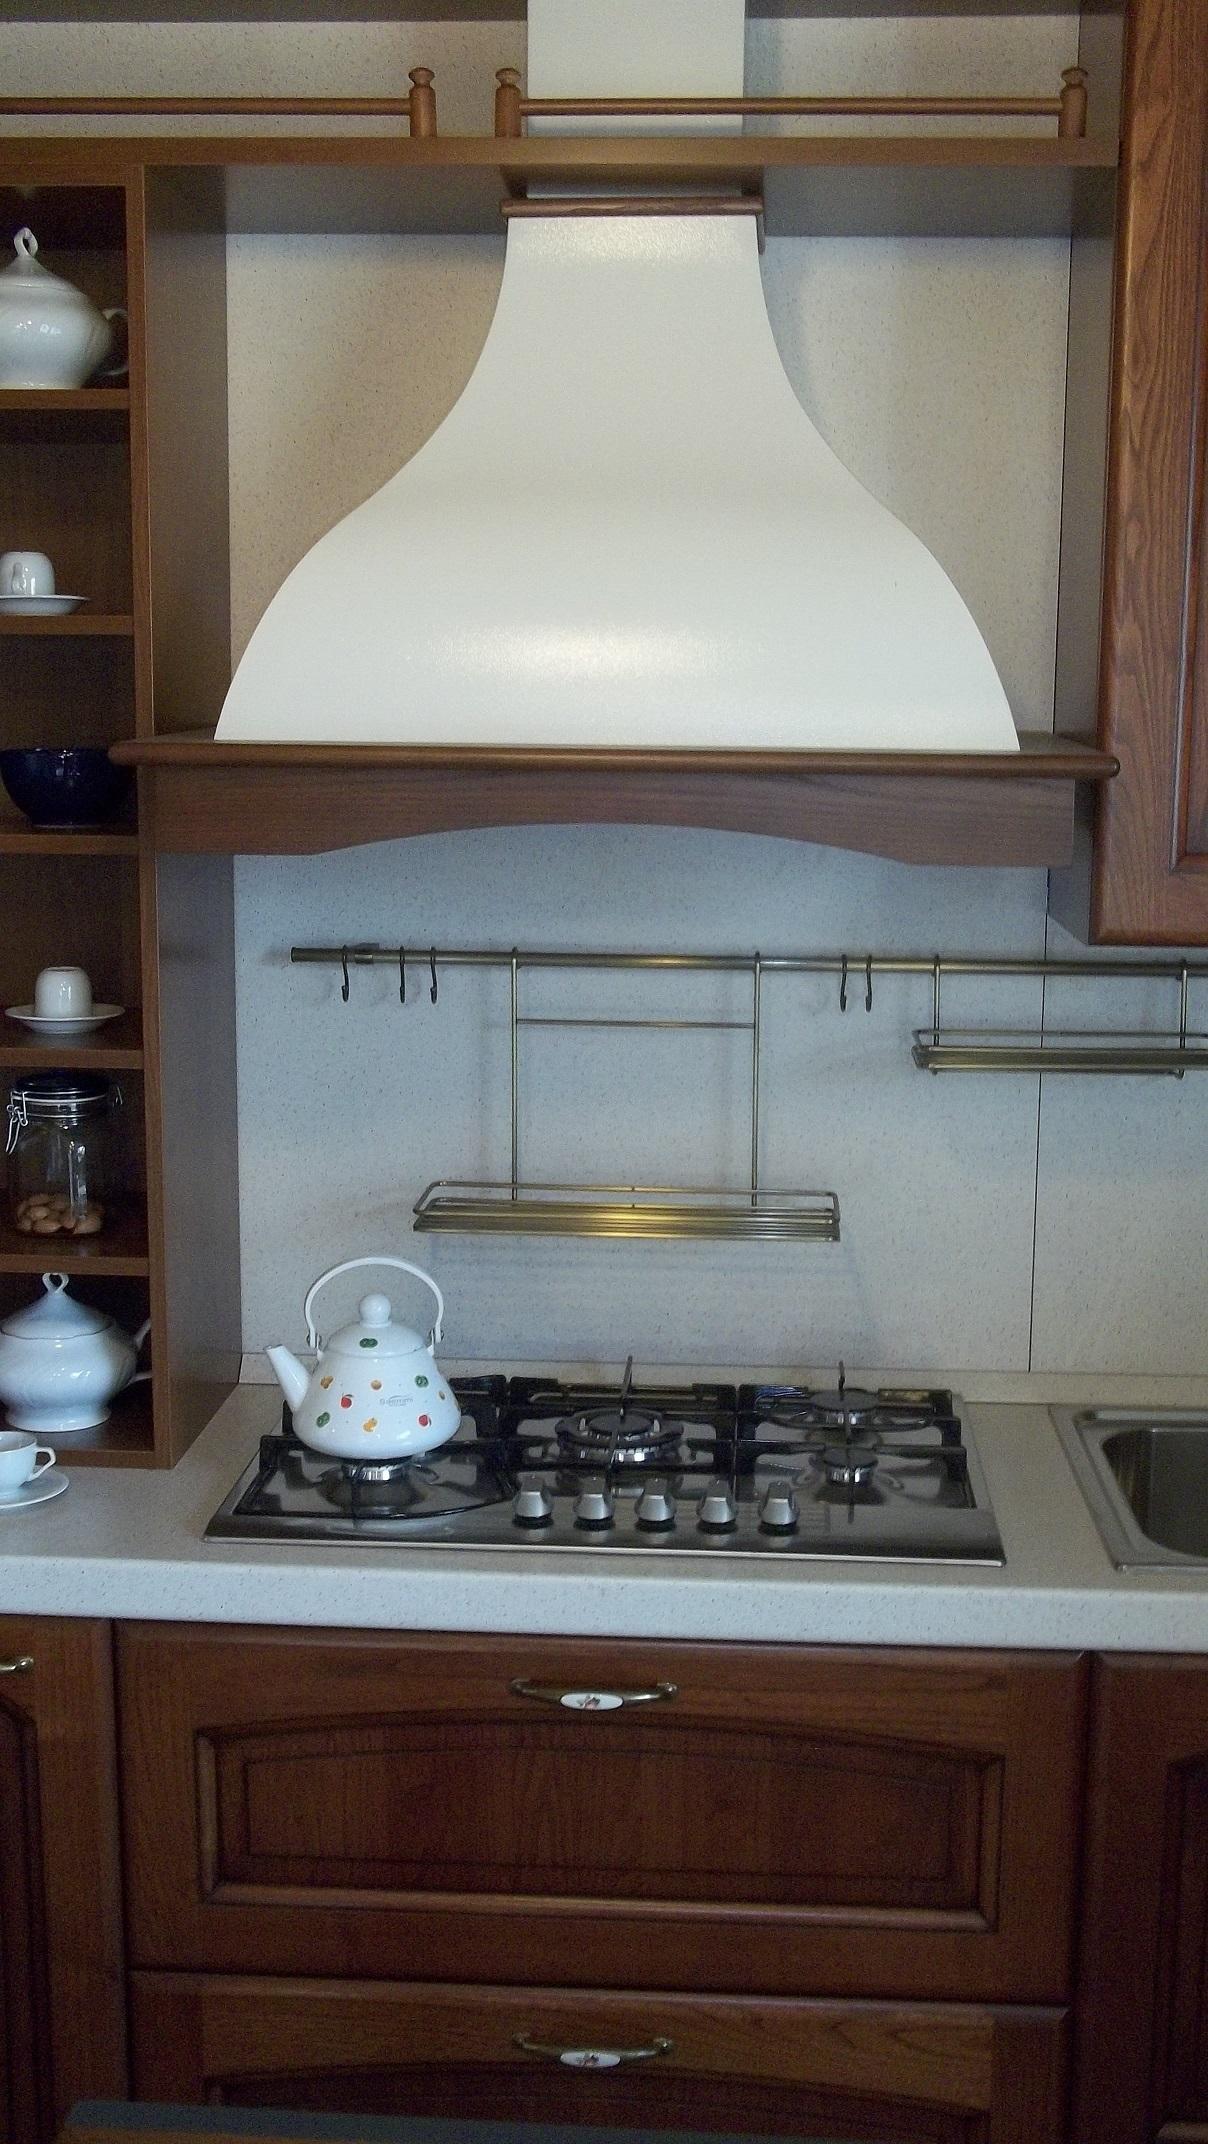 cappa classica zona cottura cucina classica legno massello scontata 50 europlak natura